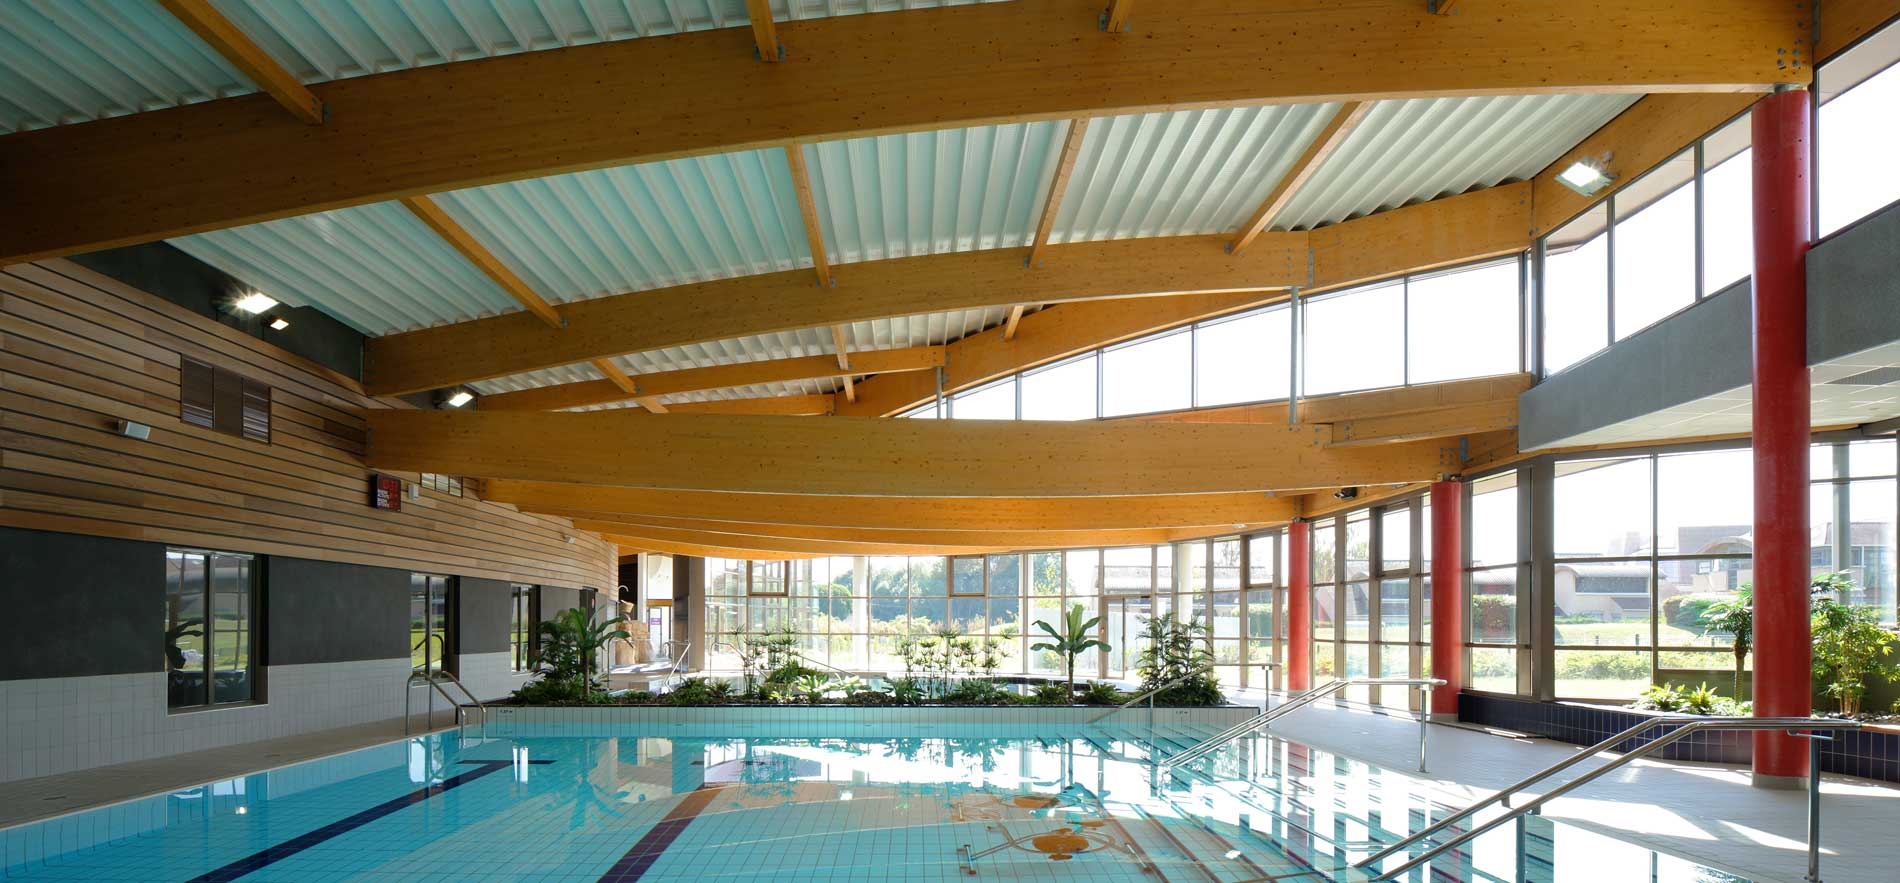 Espace forme sivom de la r gion de chevreuse for Chevreuse piscine